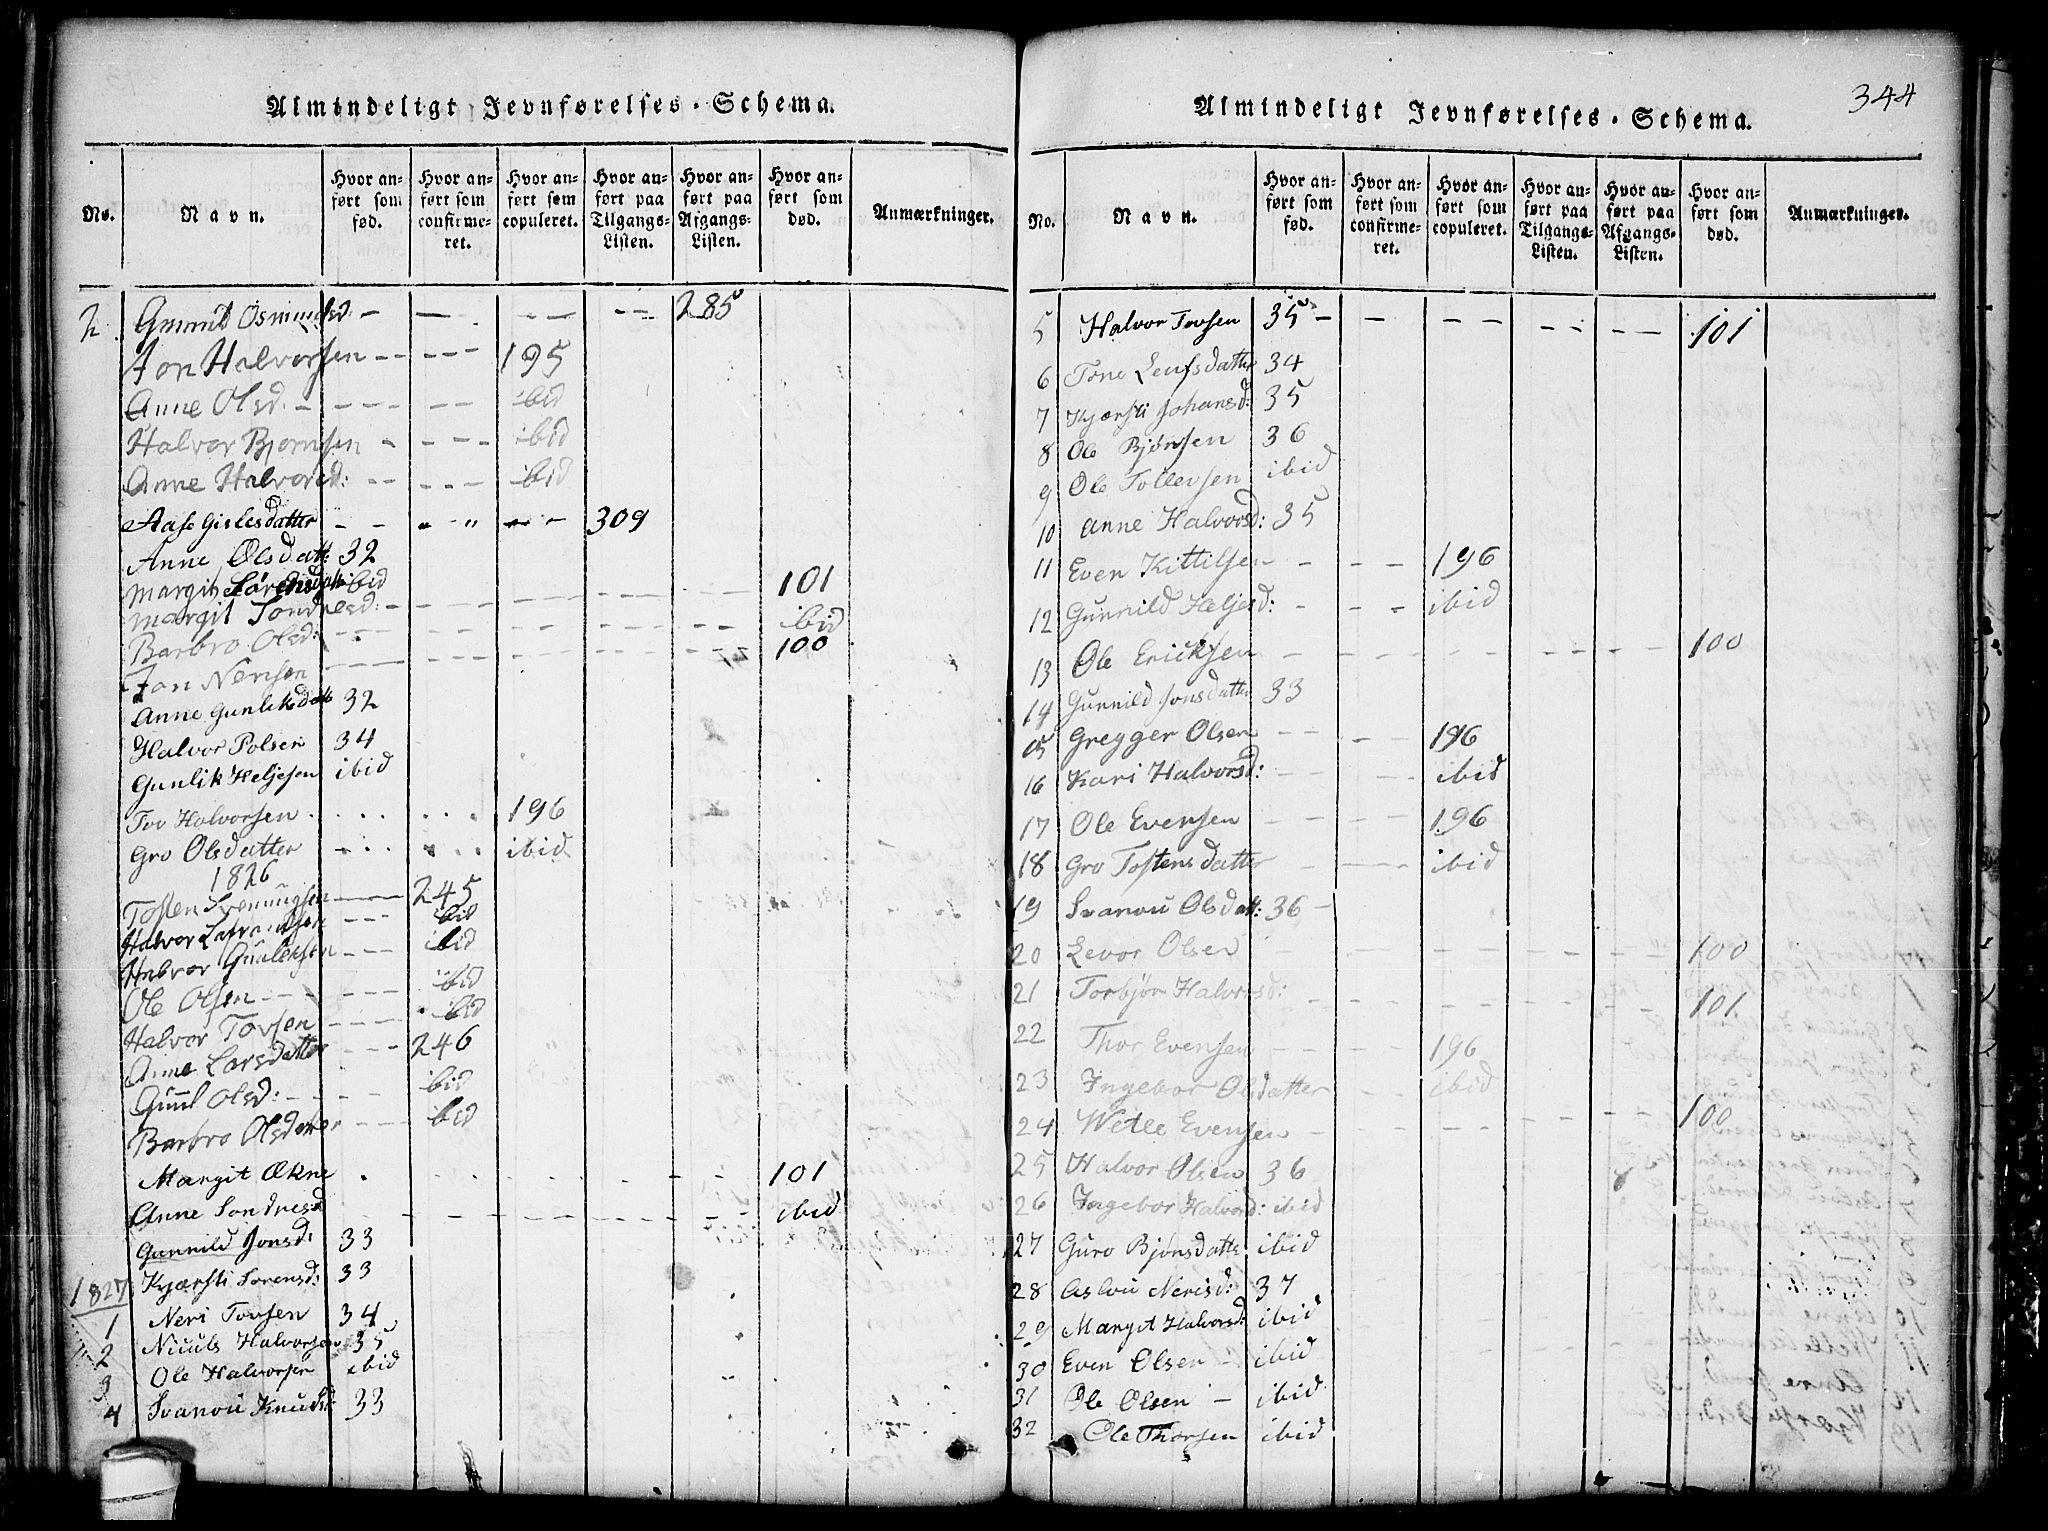 SAKO, Seljord kirkebøker, G/Gb/L0002: Klokkerbok nr. II 2, 1815-1854, s. 344